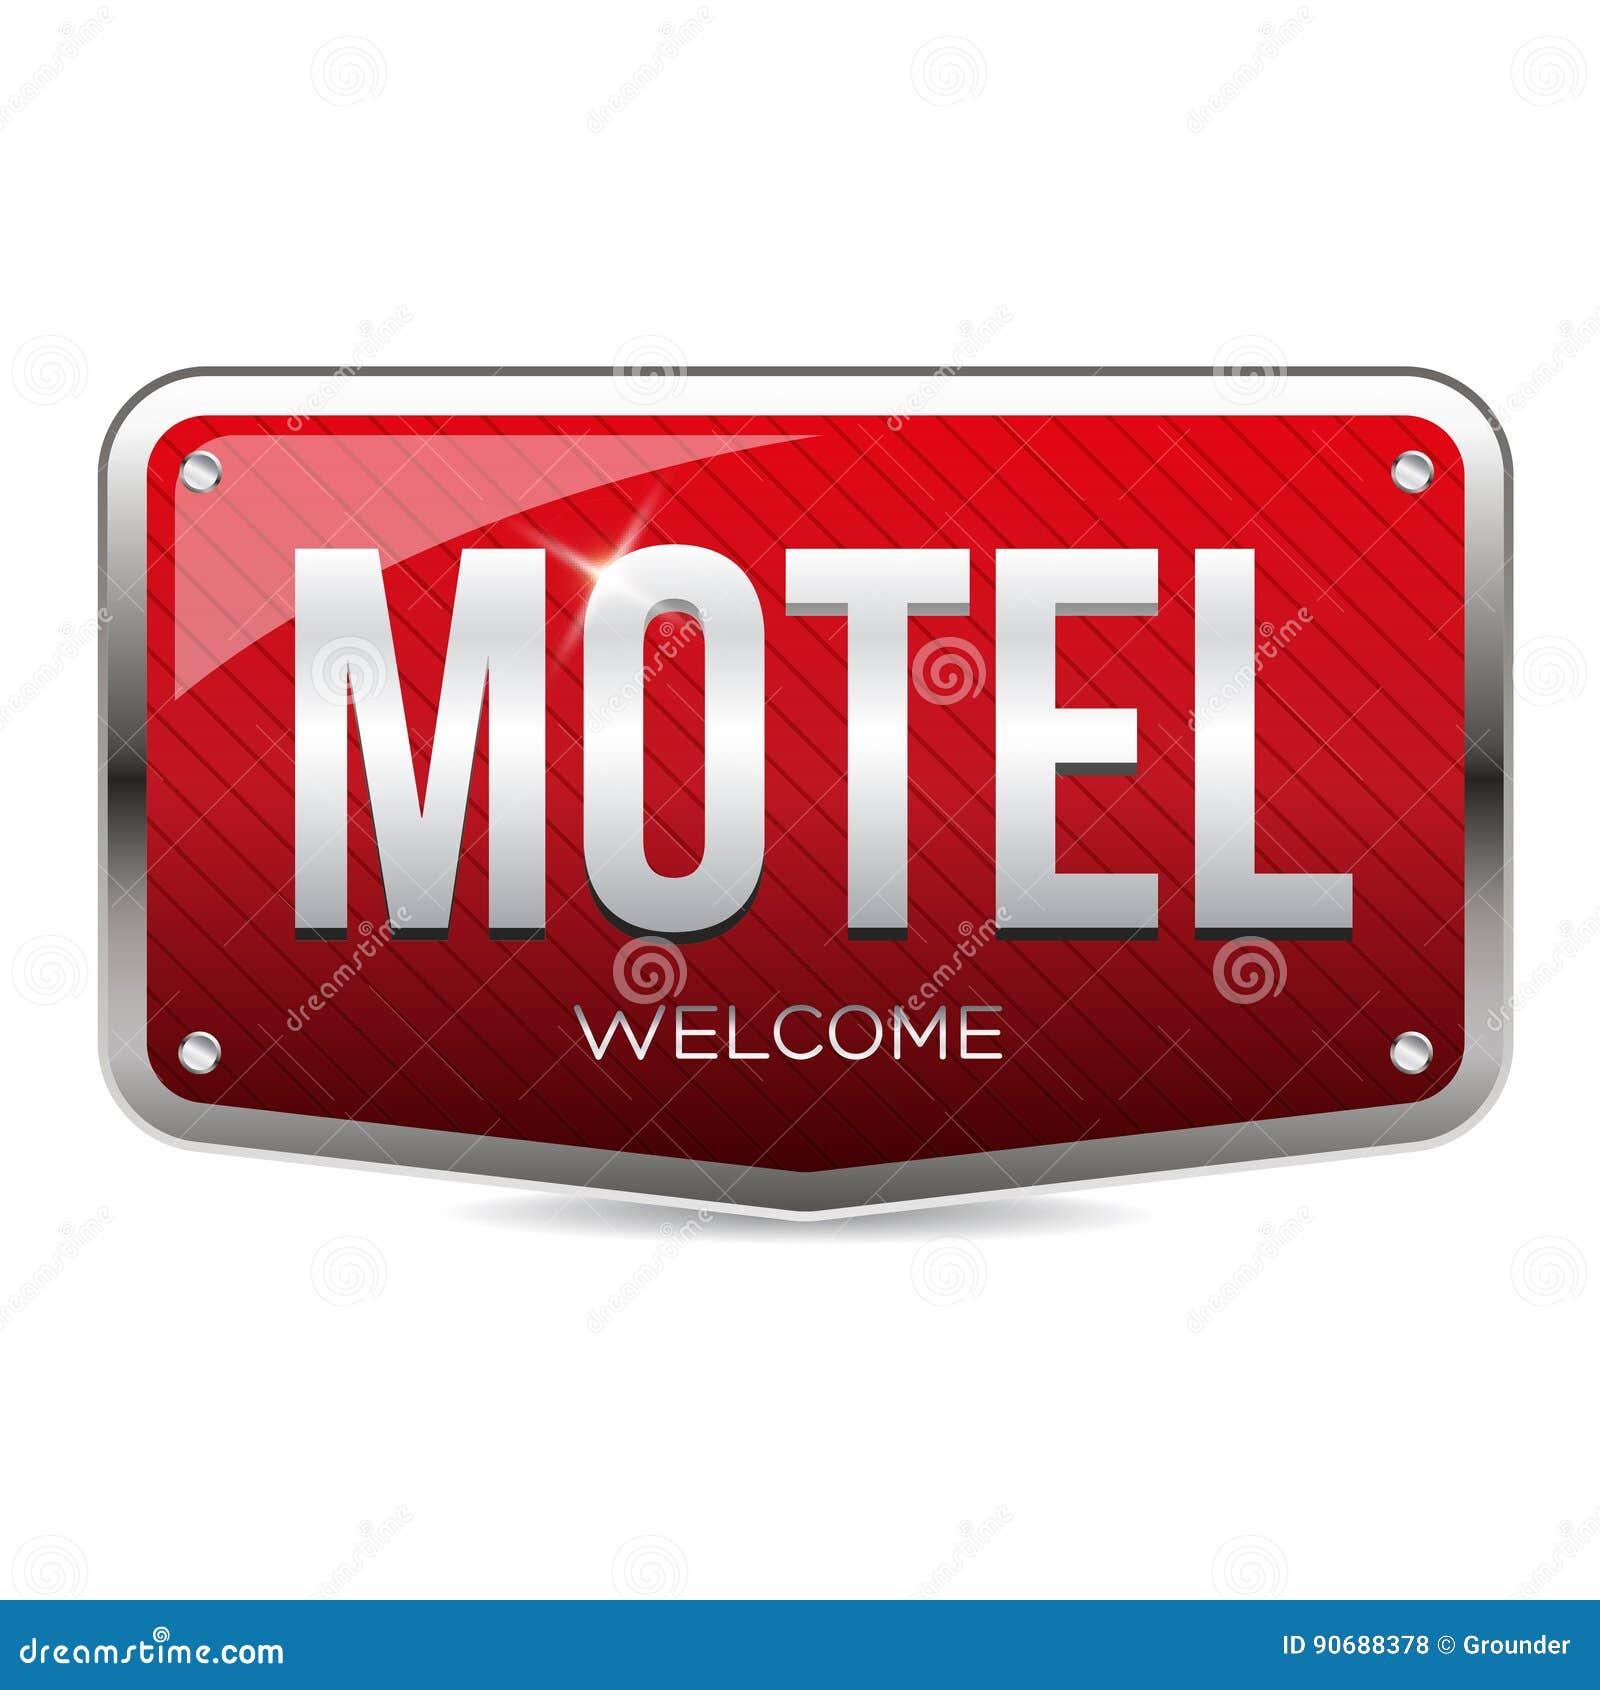 Motel retro sign vector